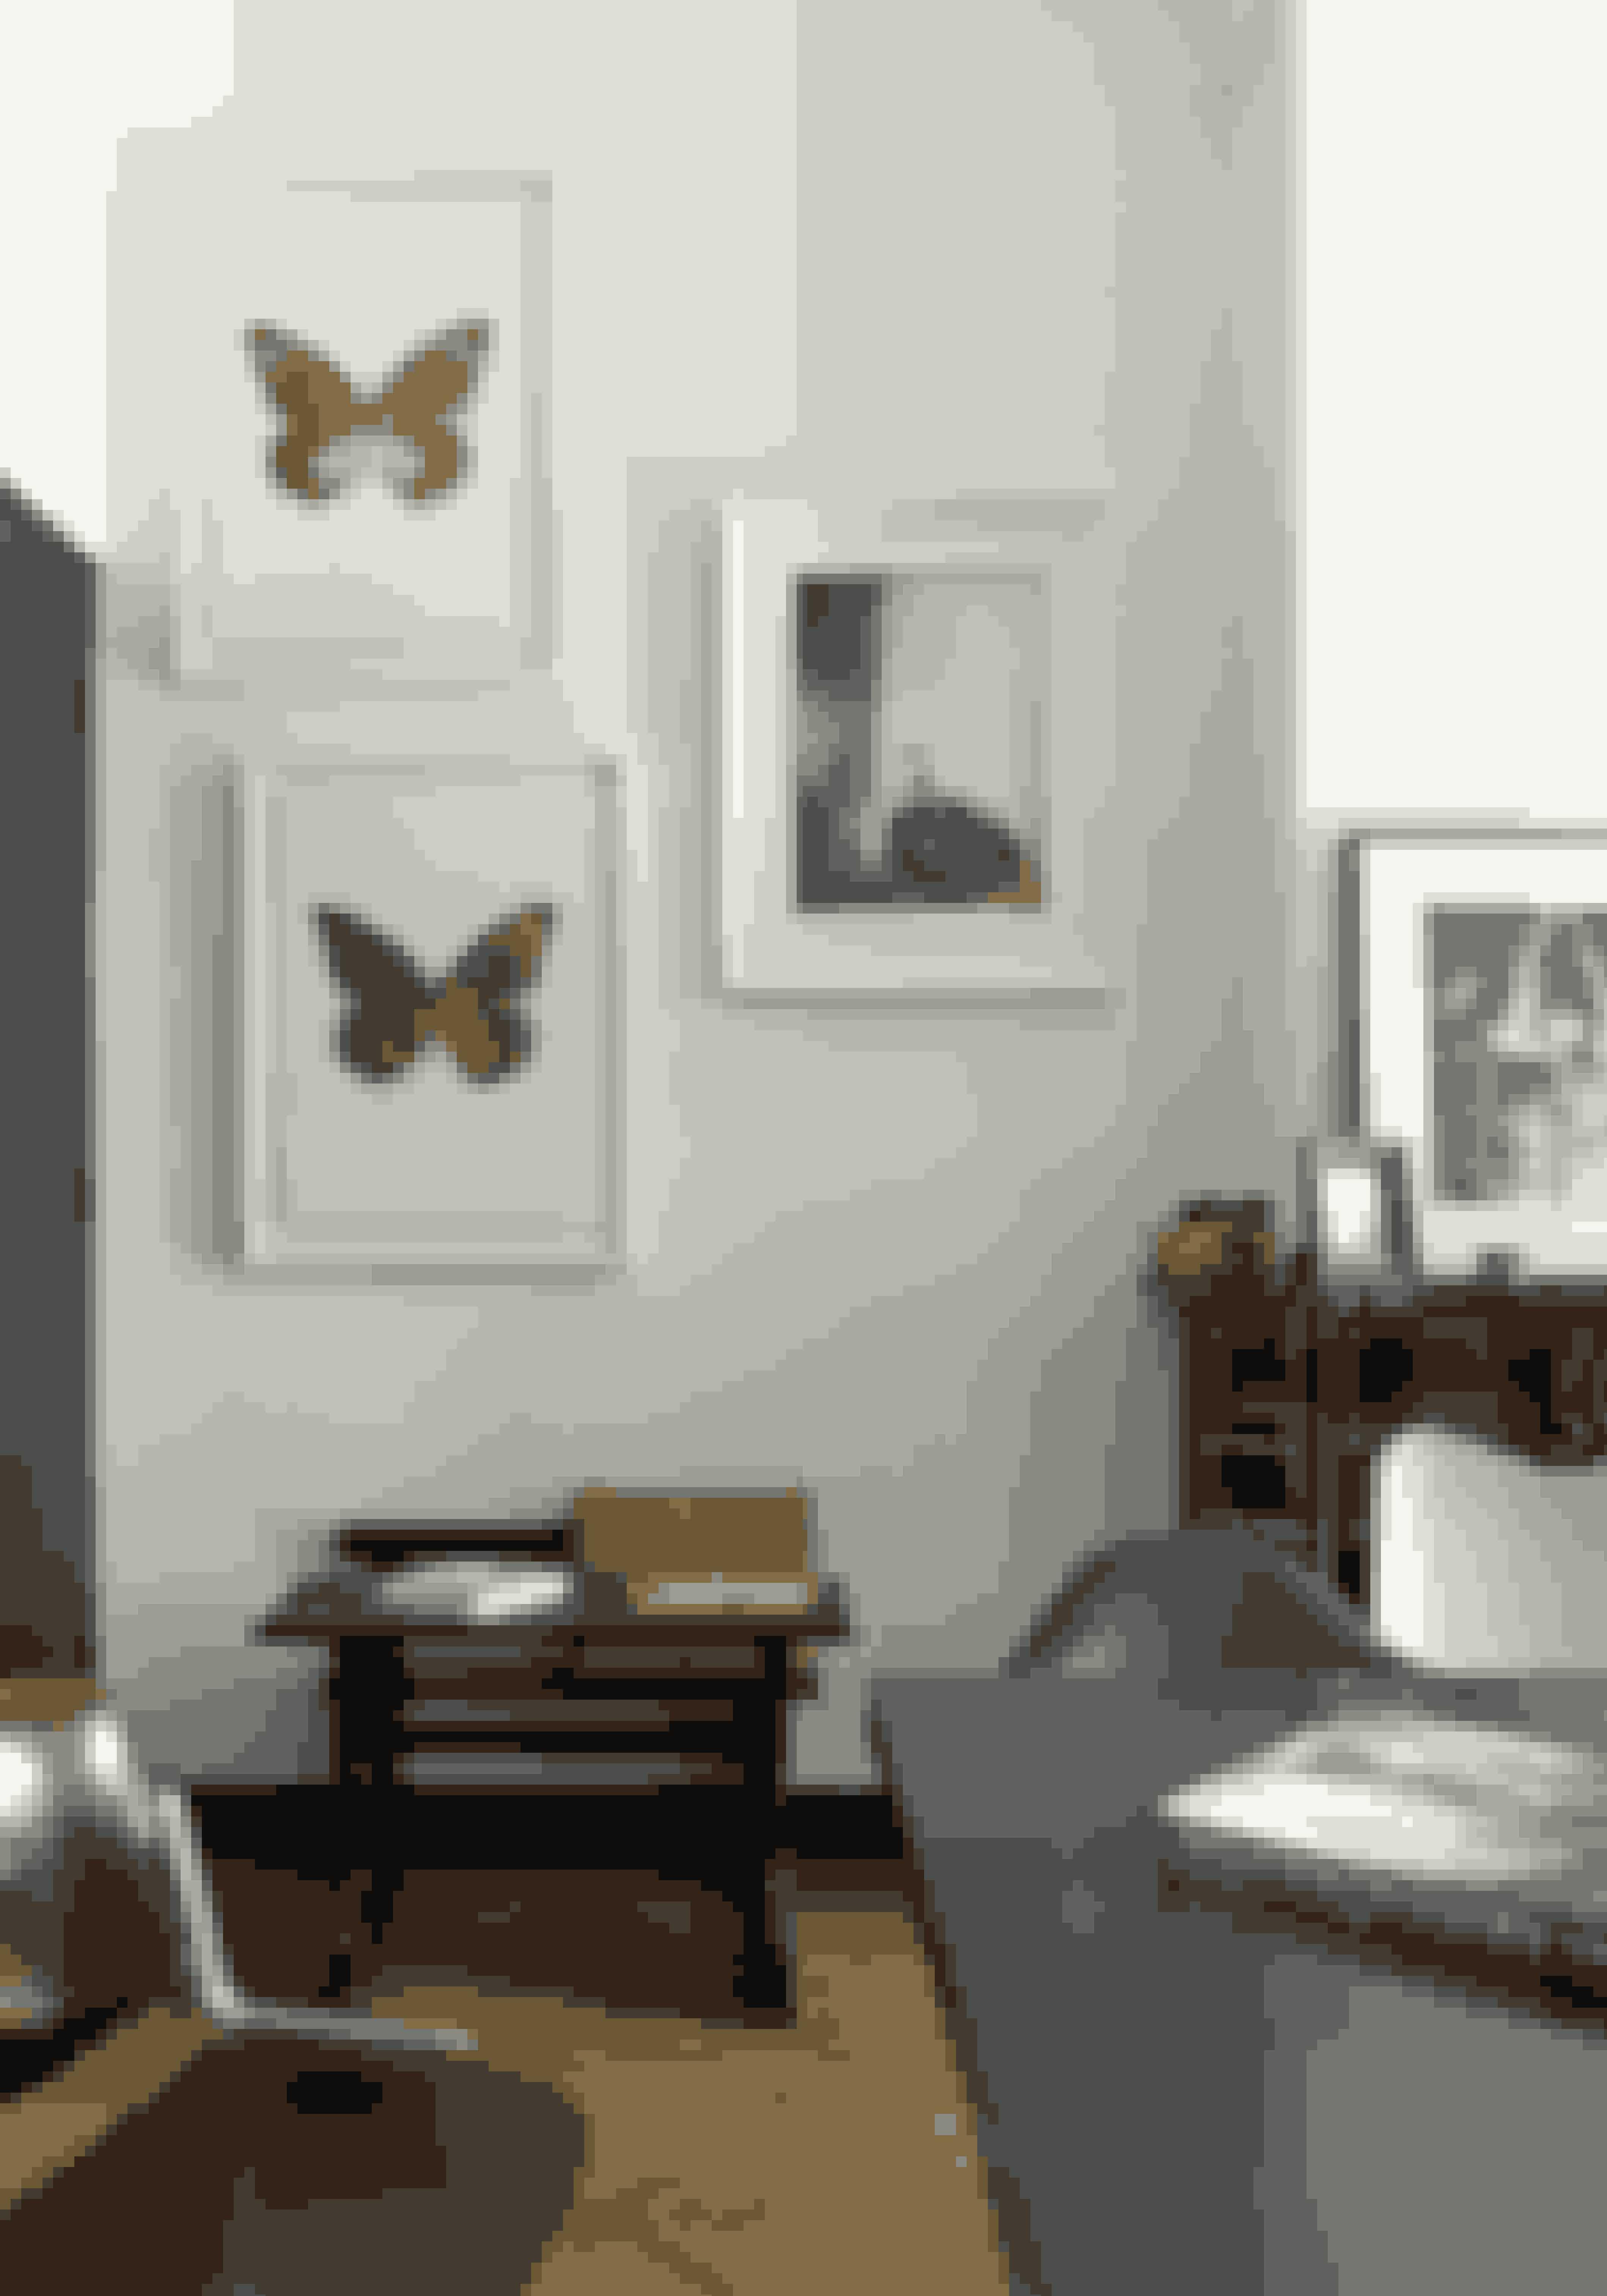 Mal paneler, døre og kamin sort - dette giver dramatik og understreger både stuk og billedrammer.